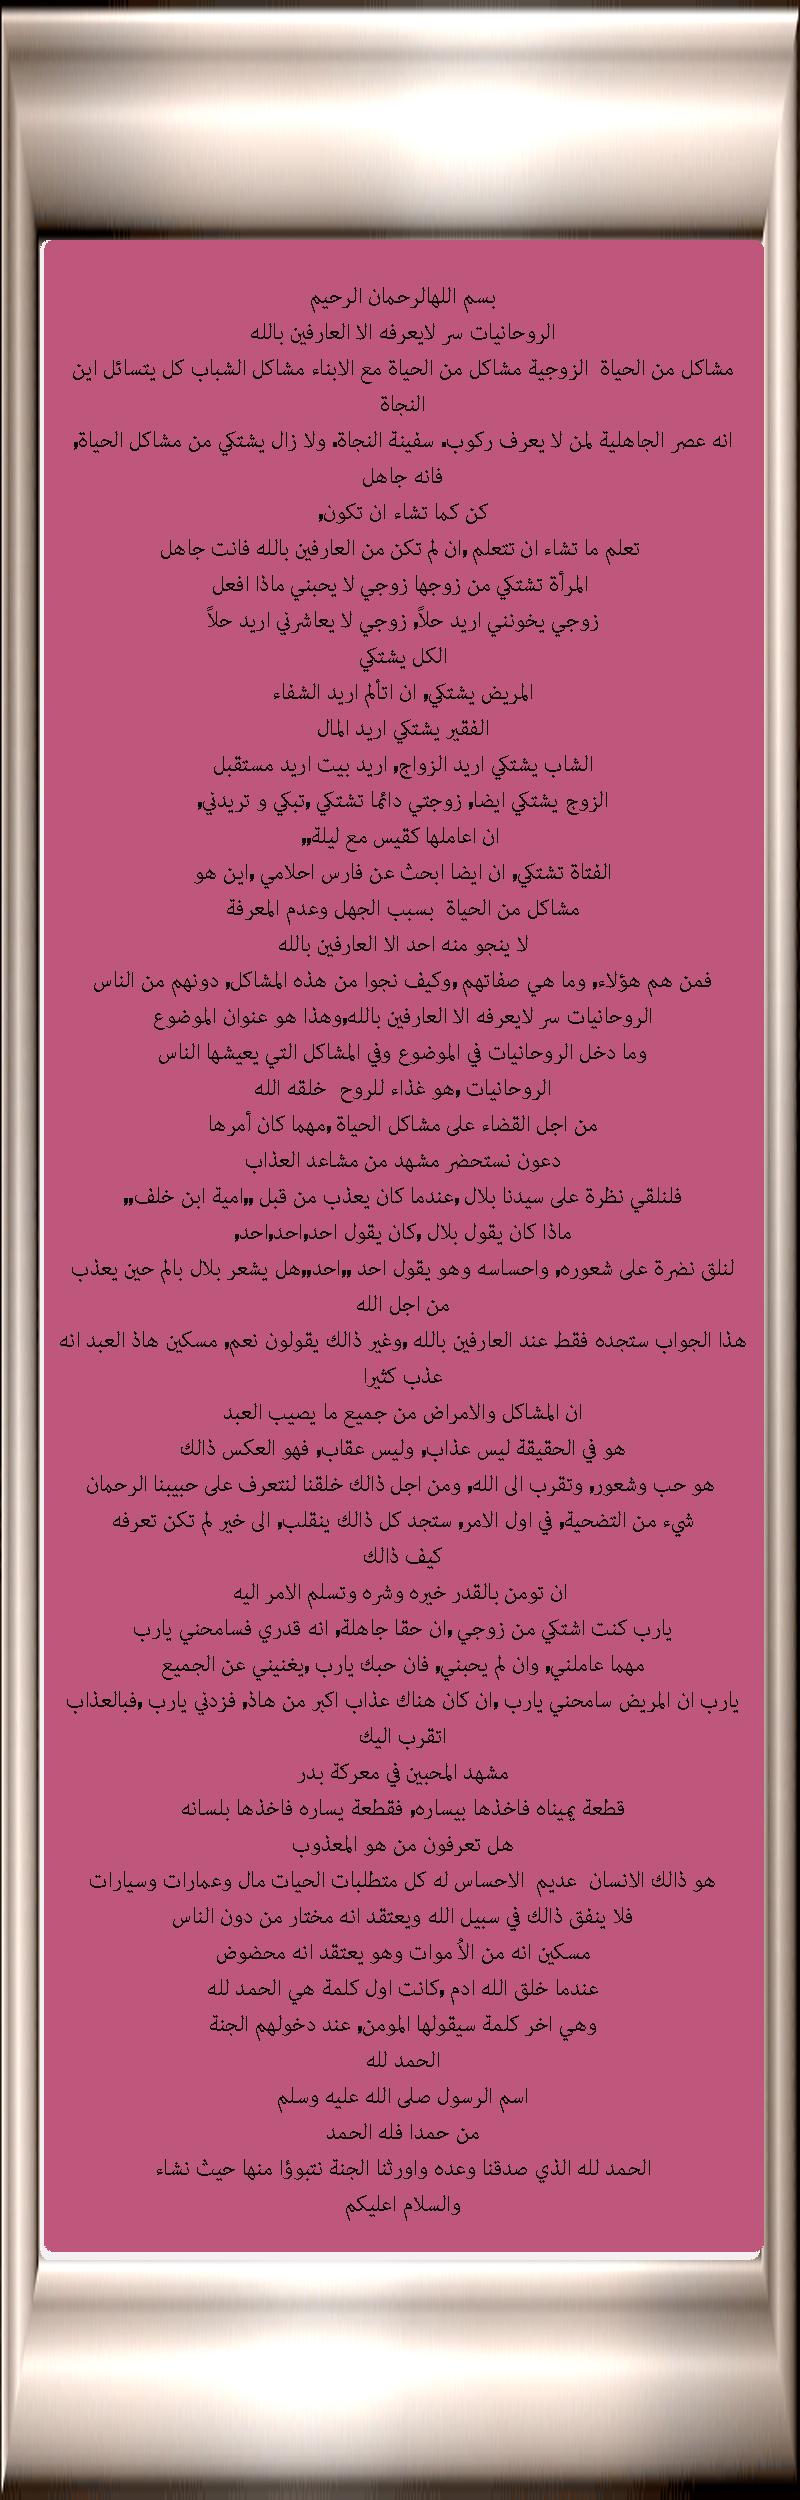 الروحانيات سر لا يعرفه الا العارفين بالله Karom.net13370838481